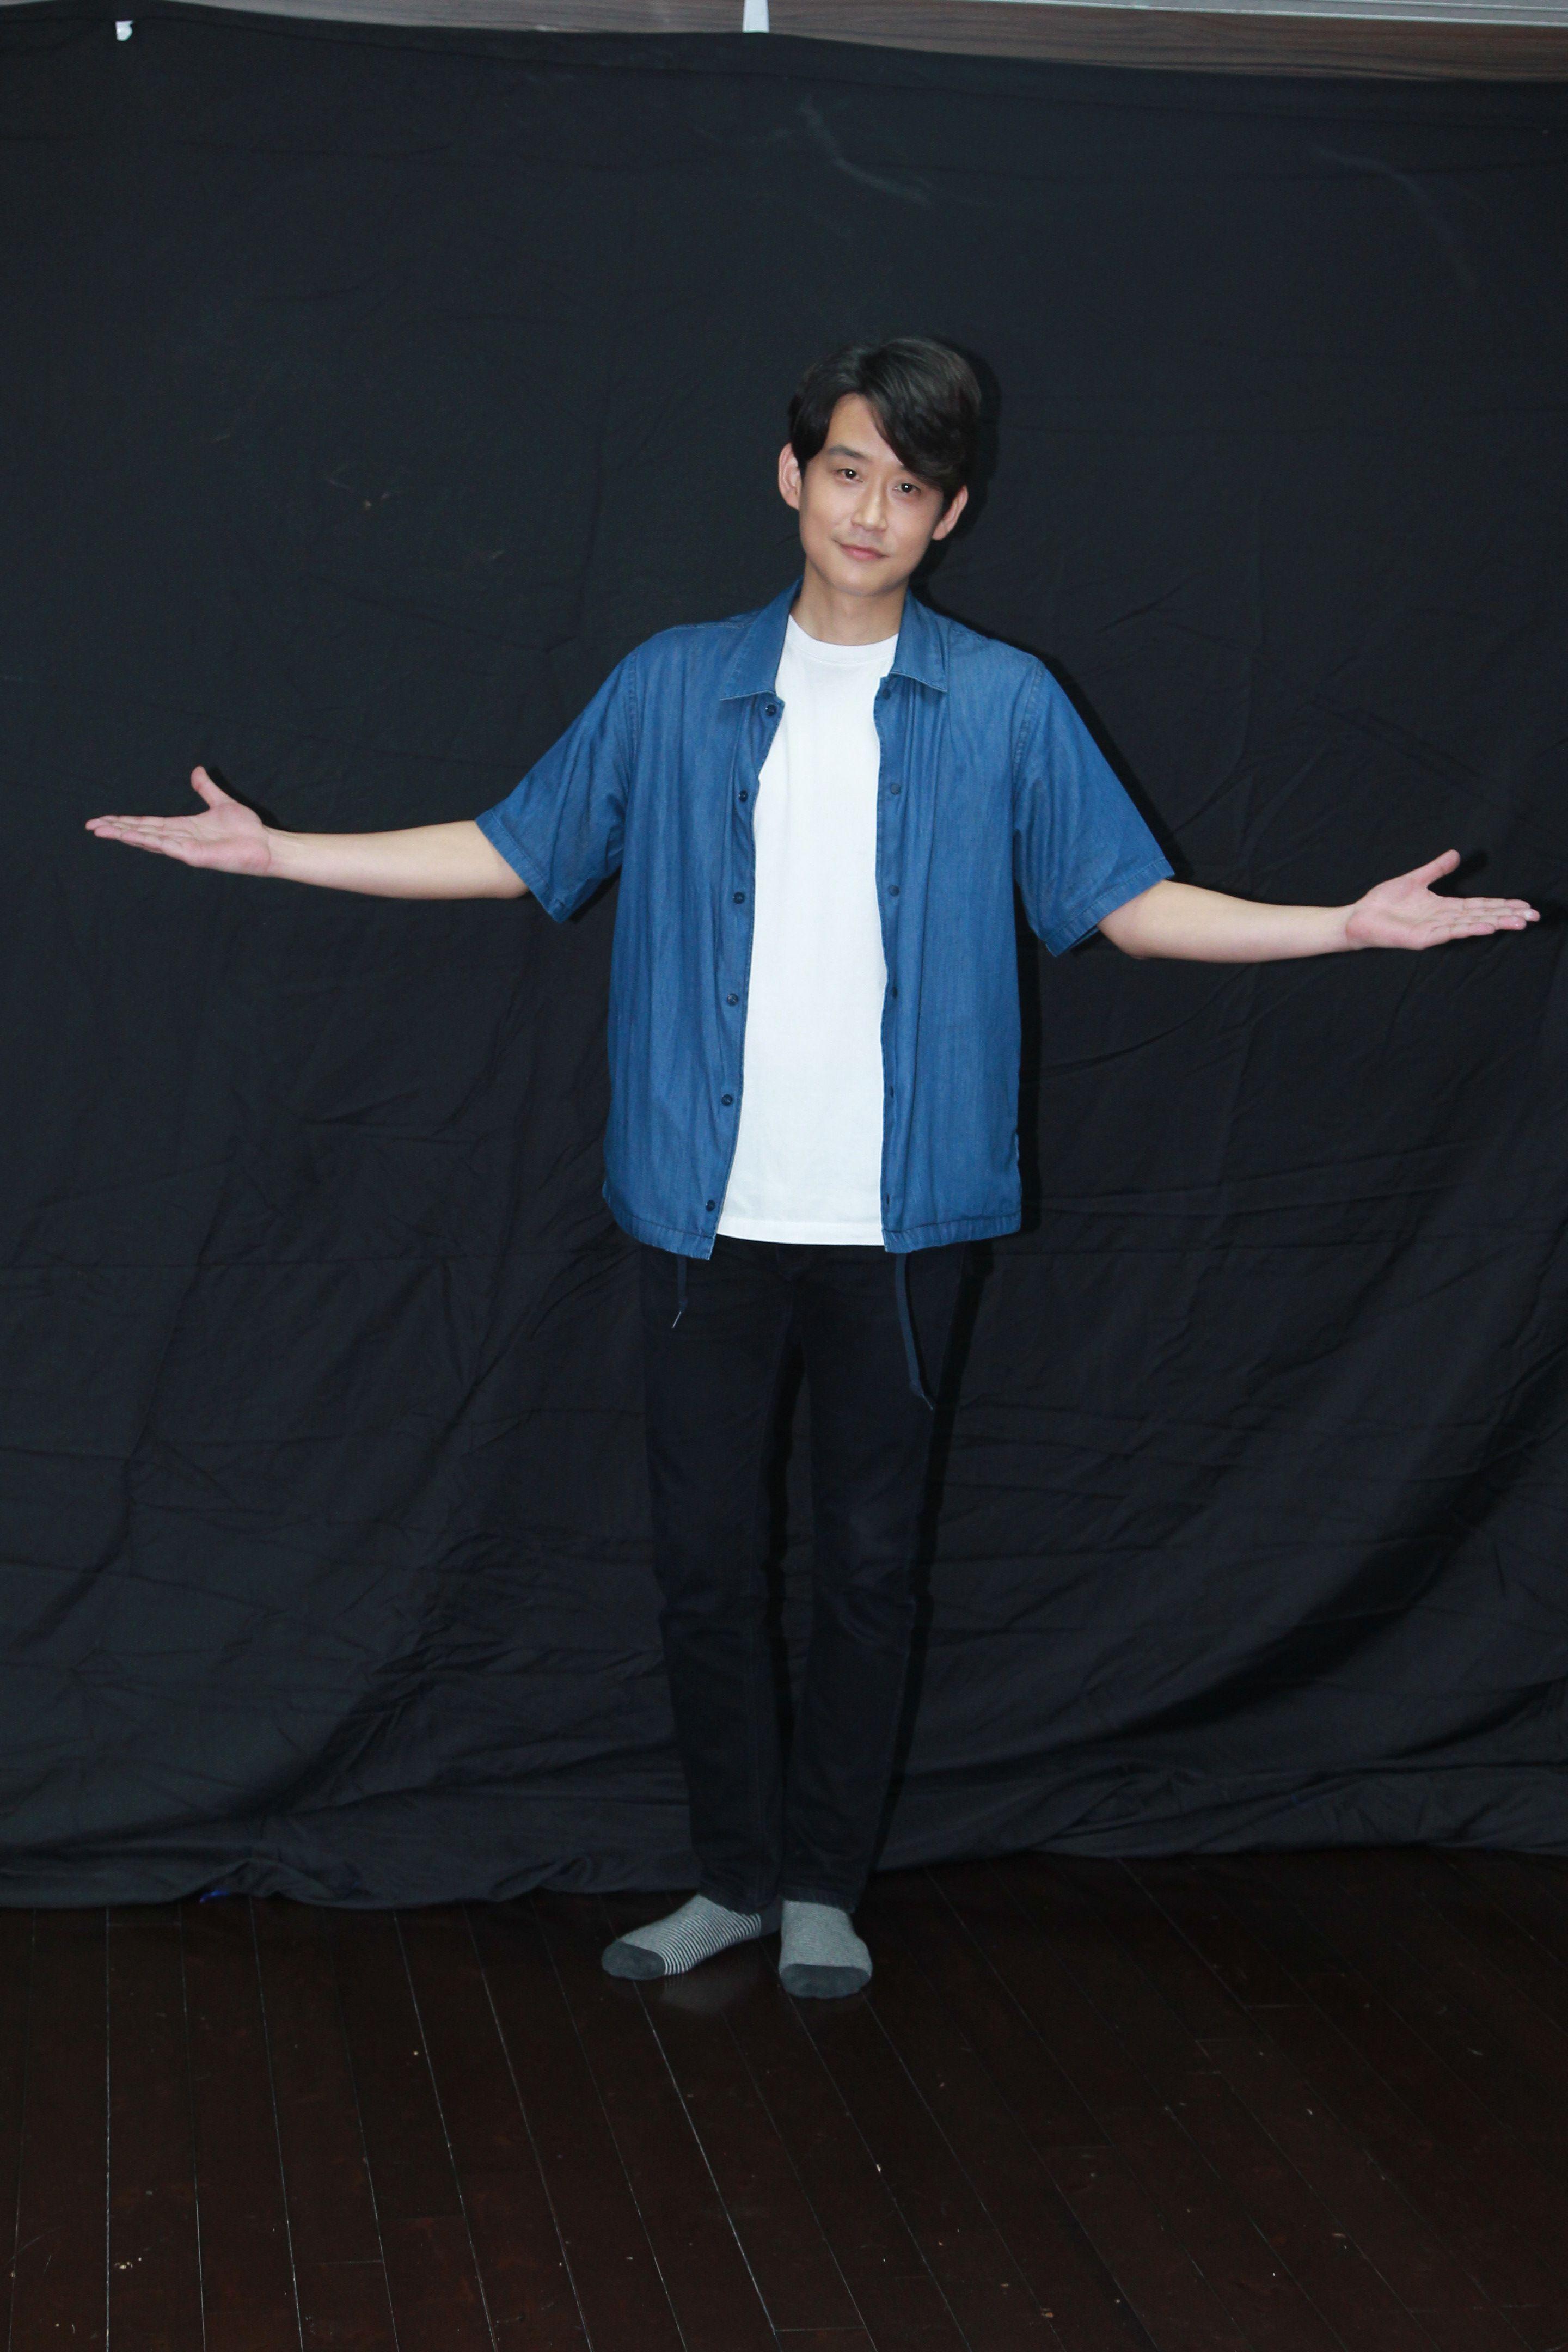 「搭錯車」音樂劇演員陳乃榮。(記者邱榮吉/攝影)